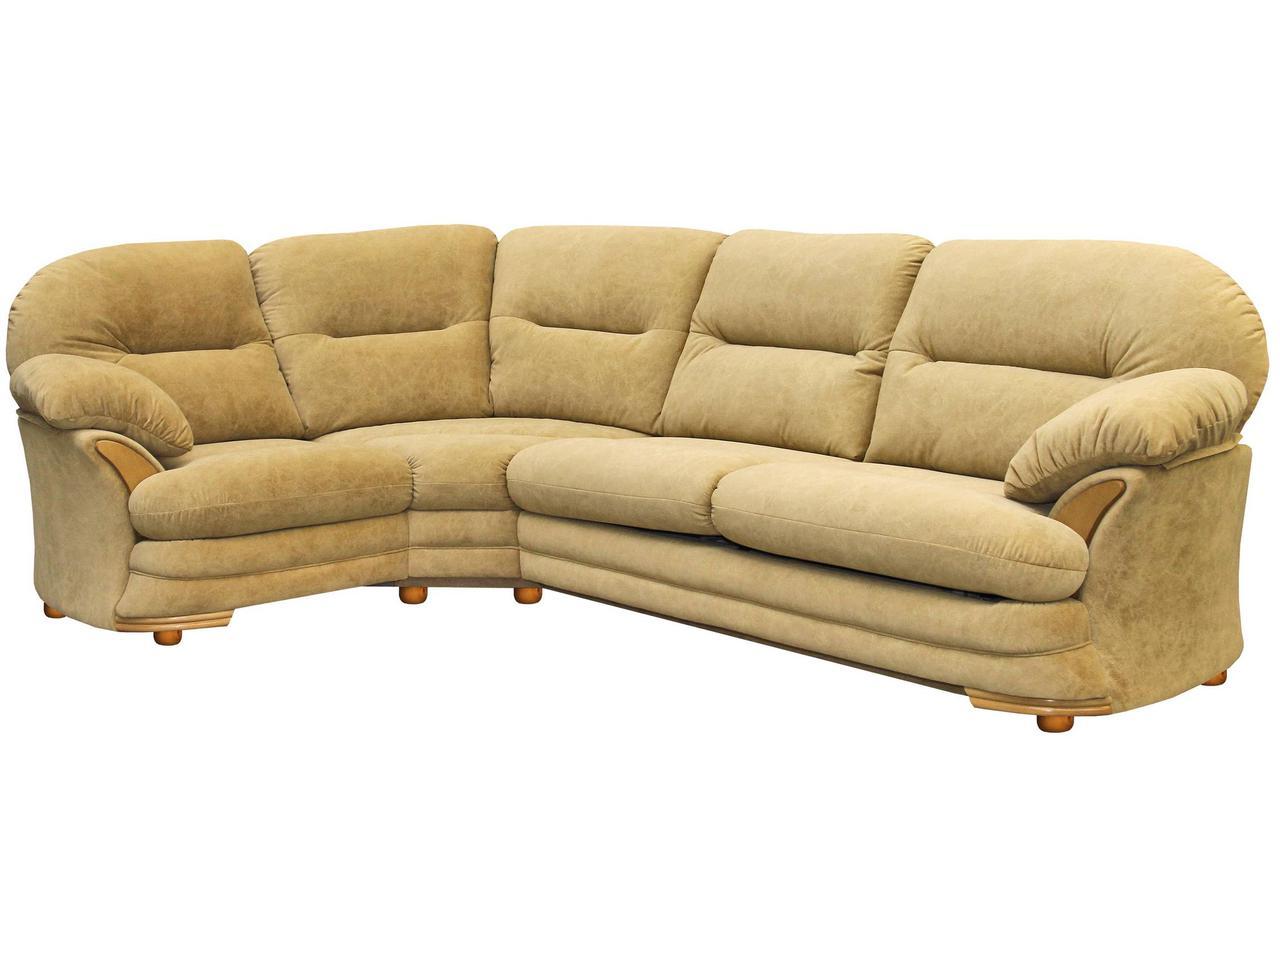 М'який кутовий диван Нью-Йорк (308*206см)